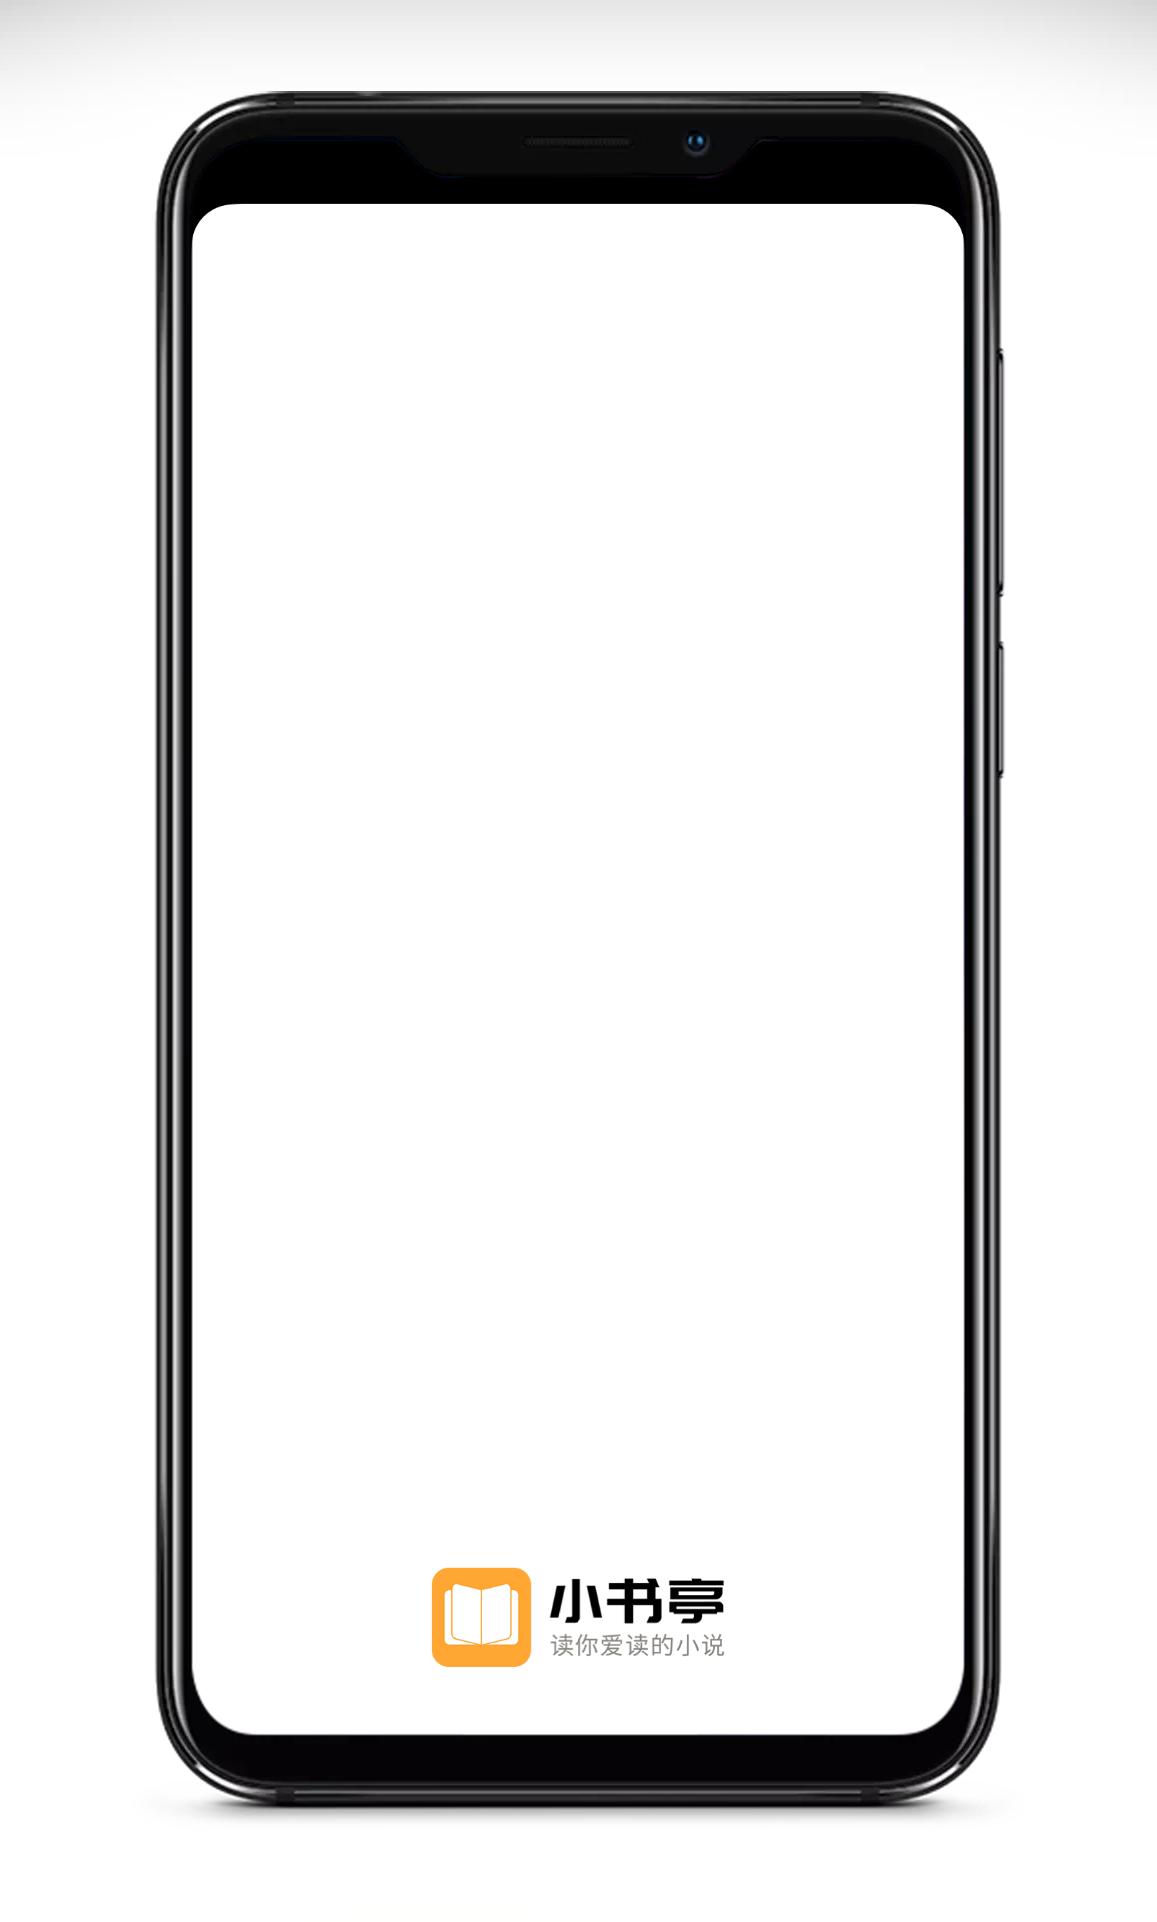 【考核】小书亭v1.39.0_会员版